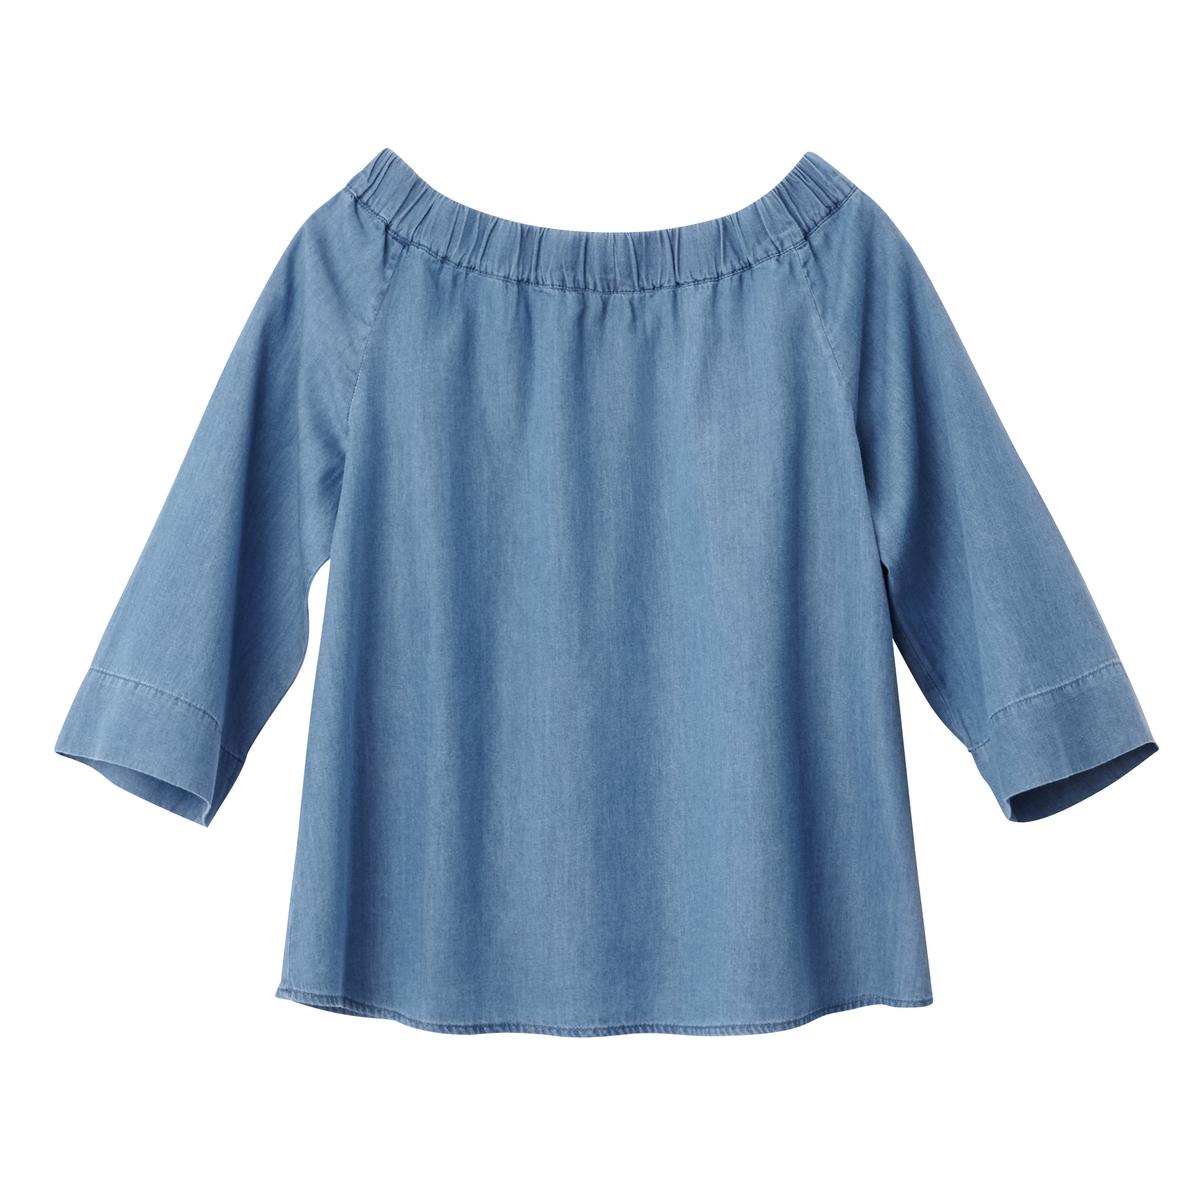 Блузка из денима с открытыми плечами tom tailor блузка tom tailor 203140400752647